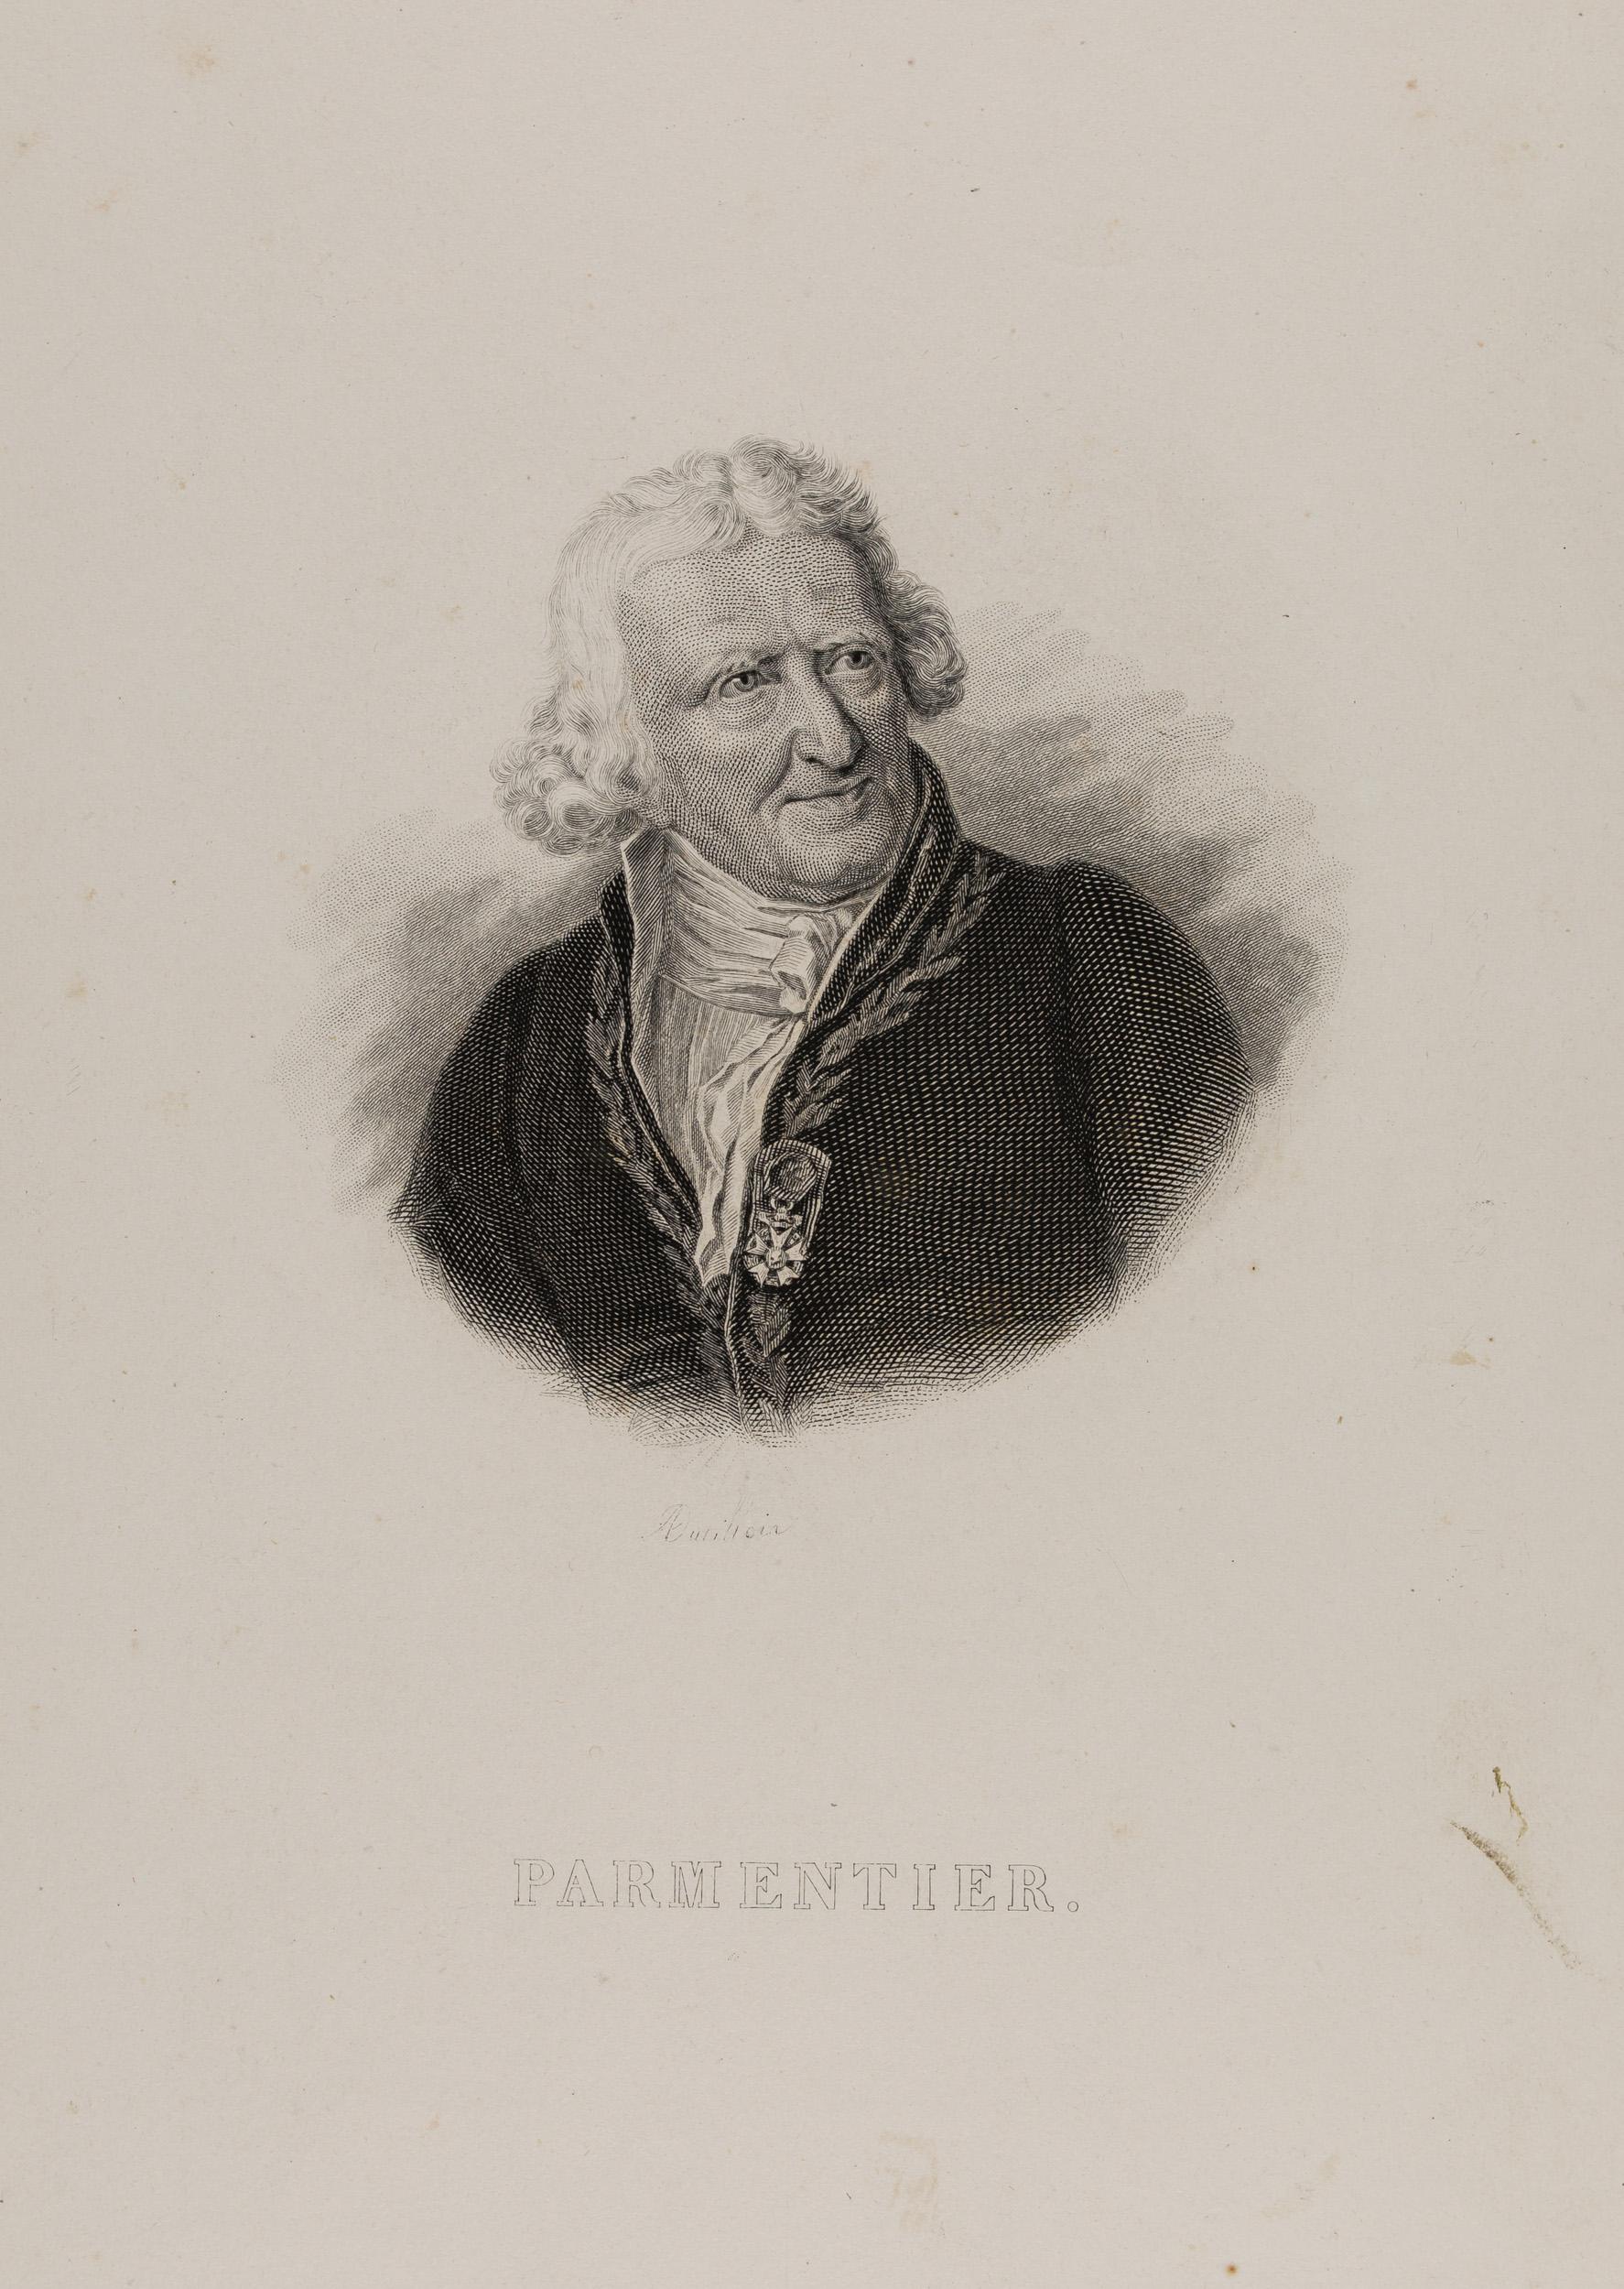 Portrait de Antoine Augustin Parmentier (FG3-Parmentier)